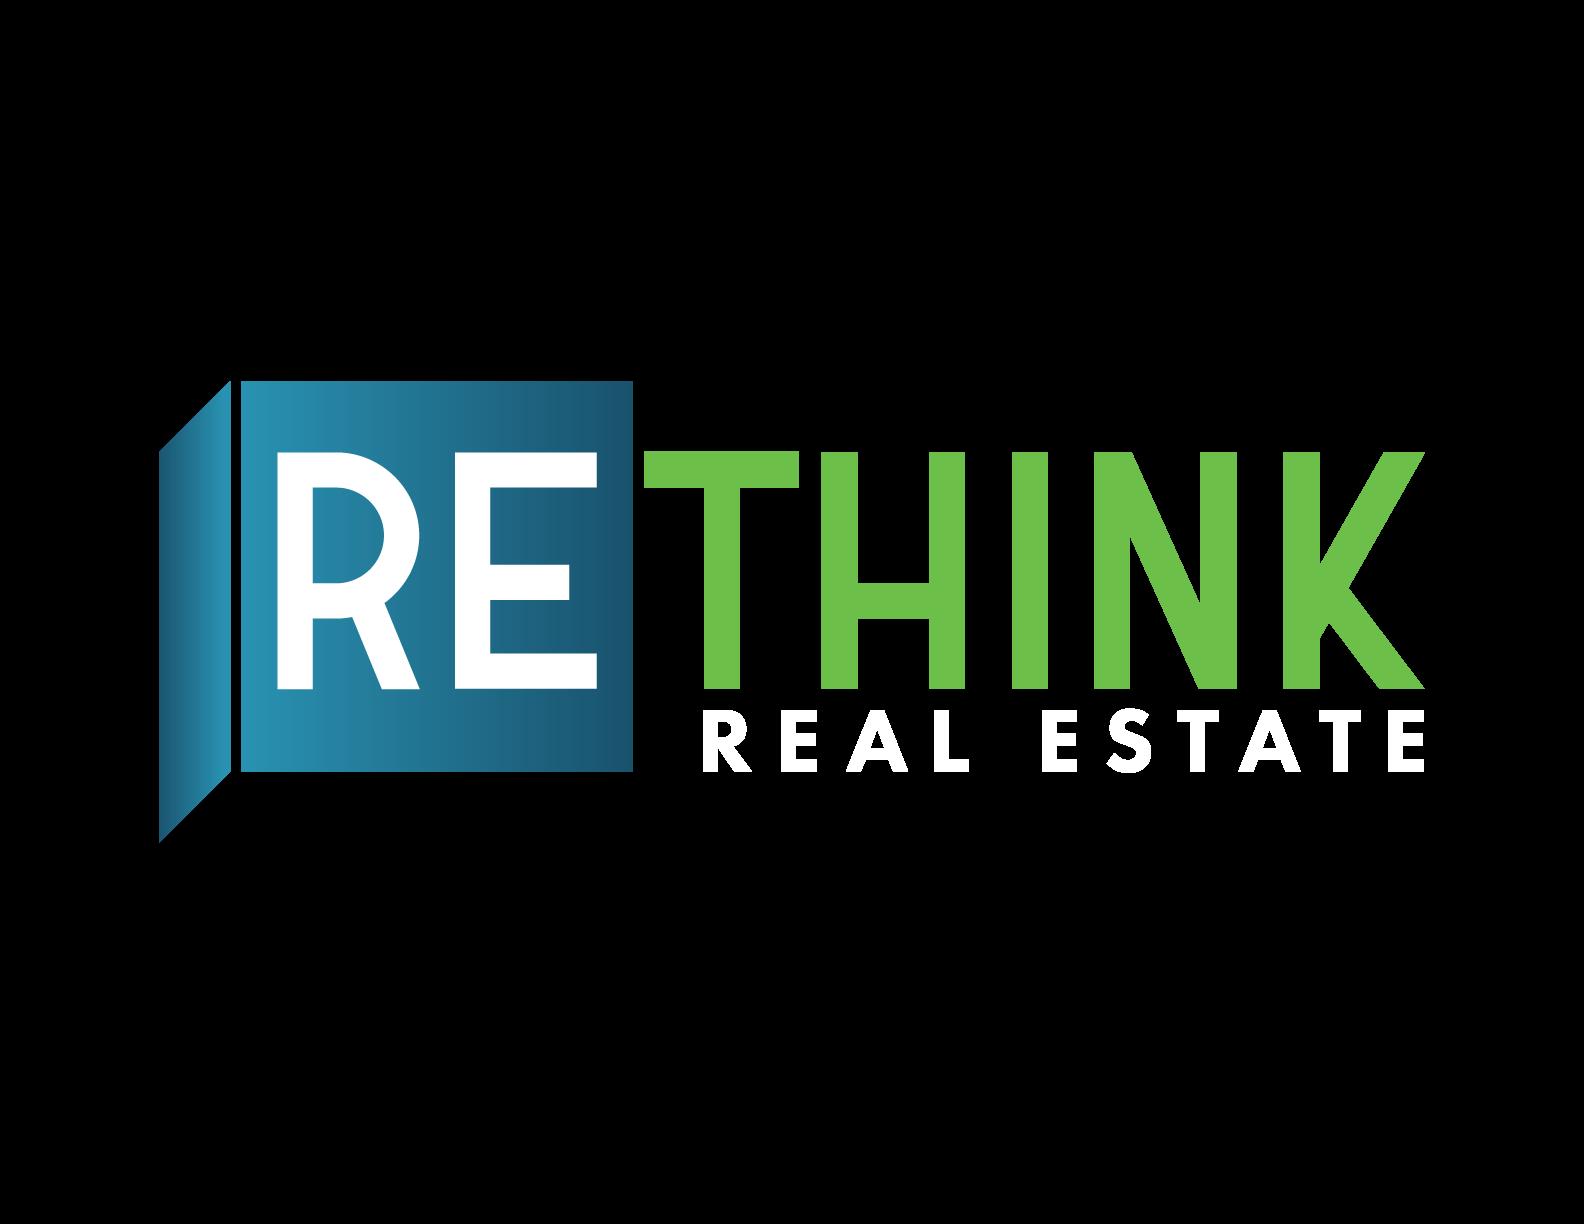 RETHINK Real Estate